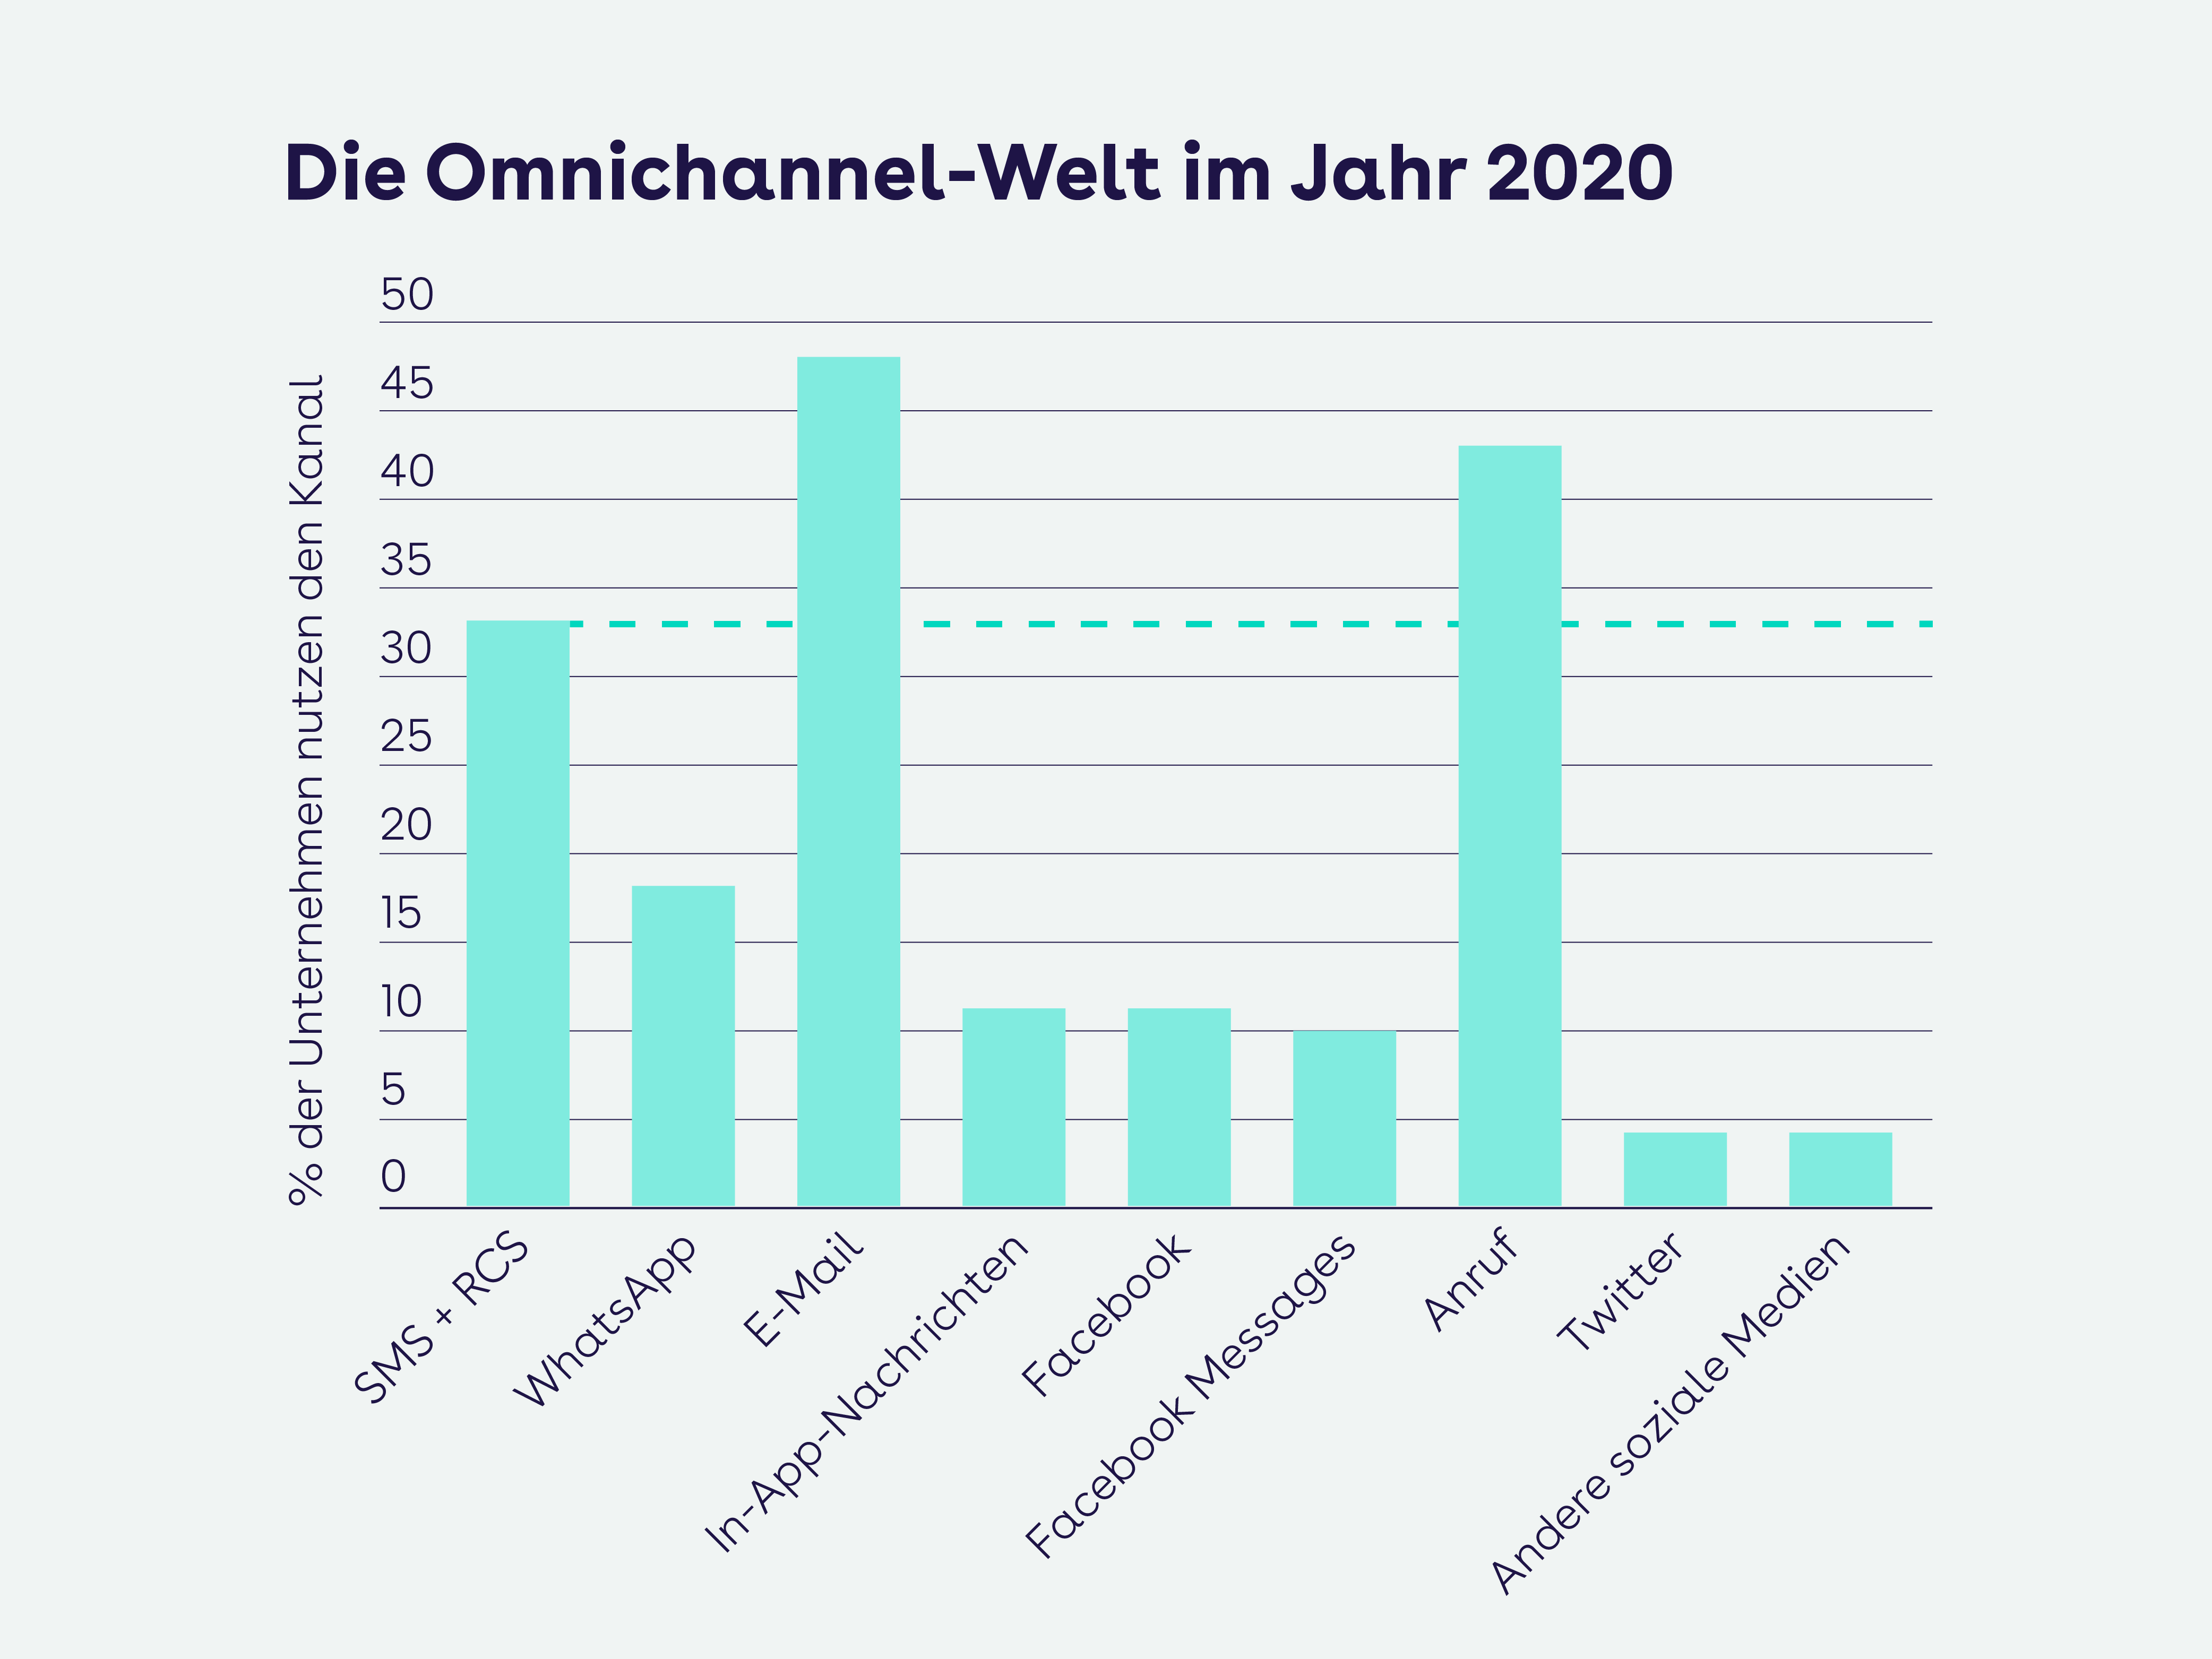 websms - Die Omnichannel-Welt im Jahr 2020